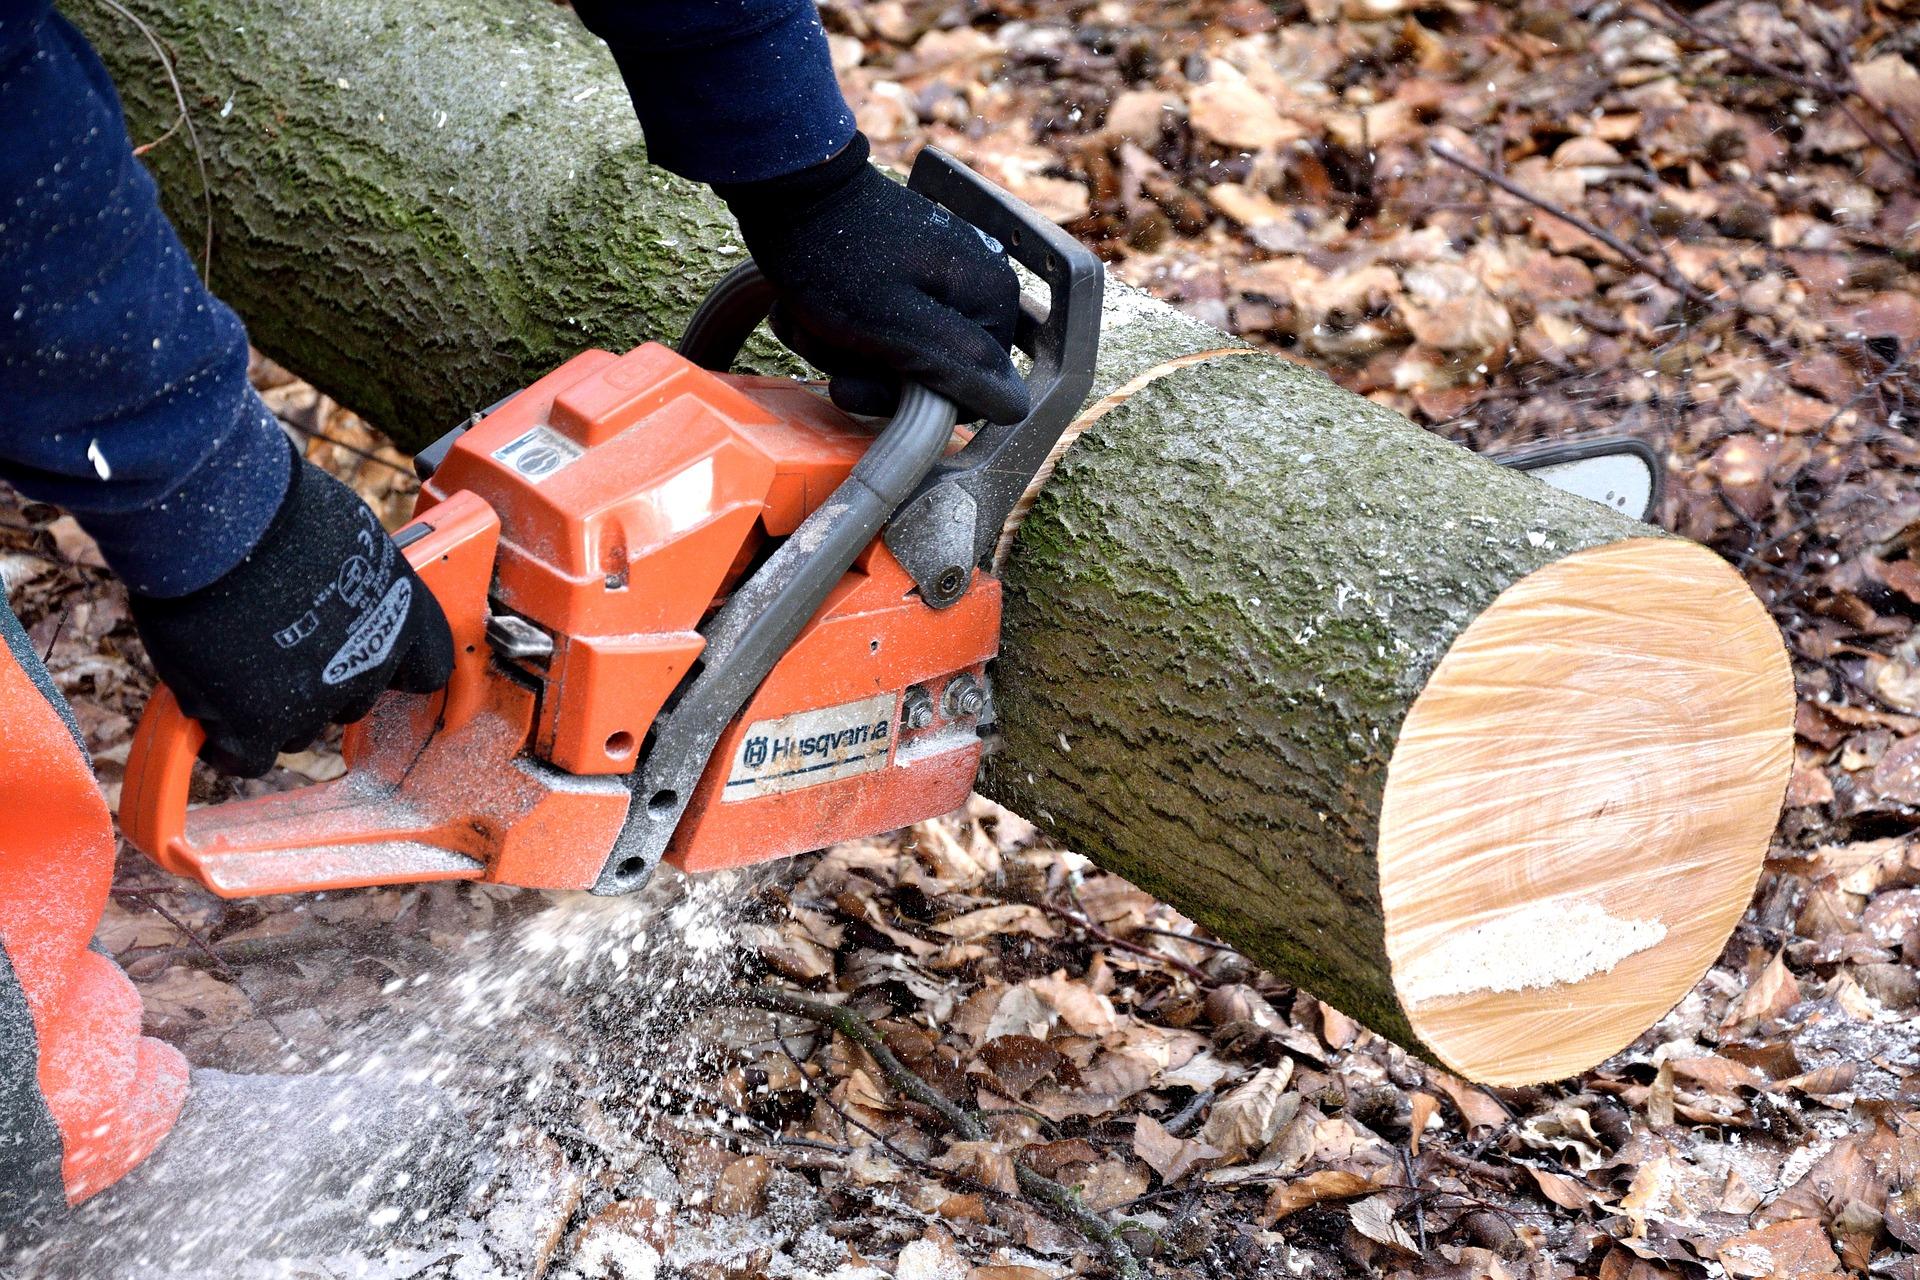 KRUS: Bezpieczne pozyskiwanie i przetwarzanie drewna